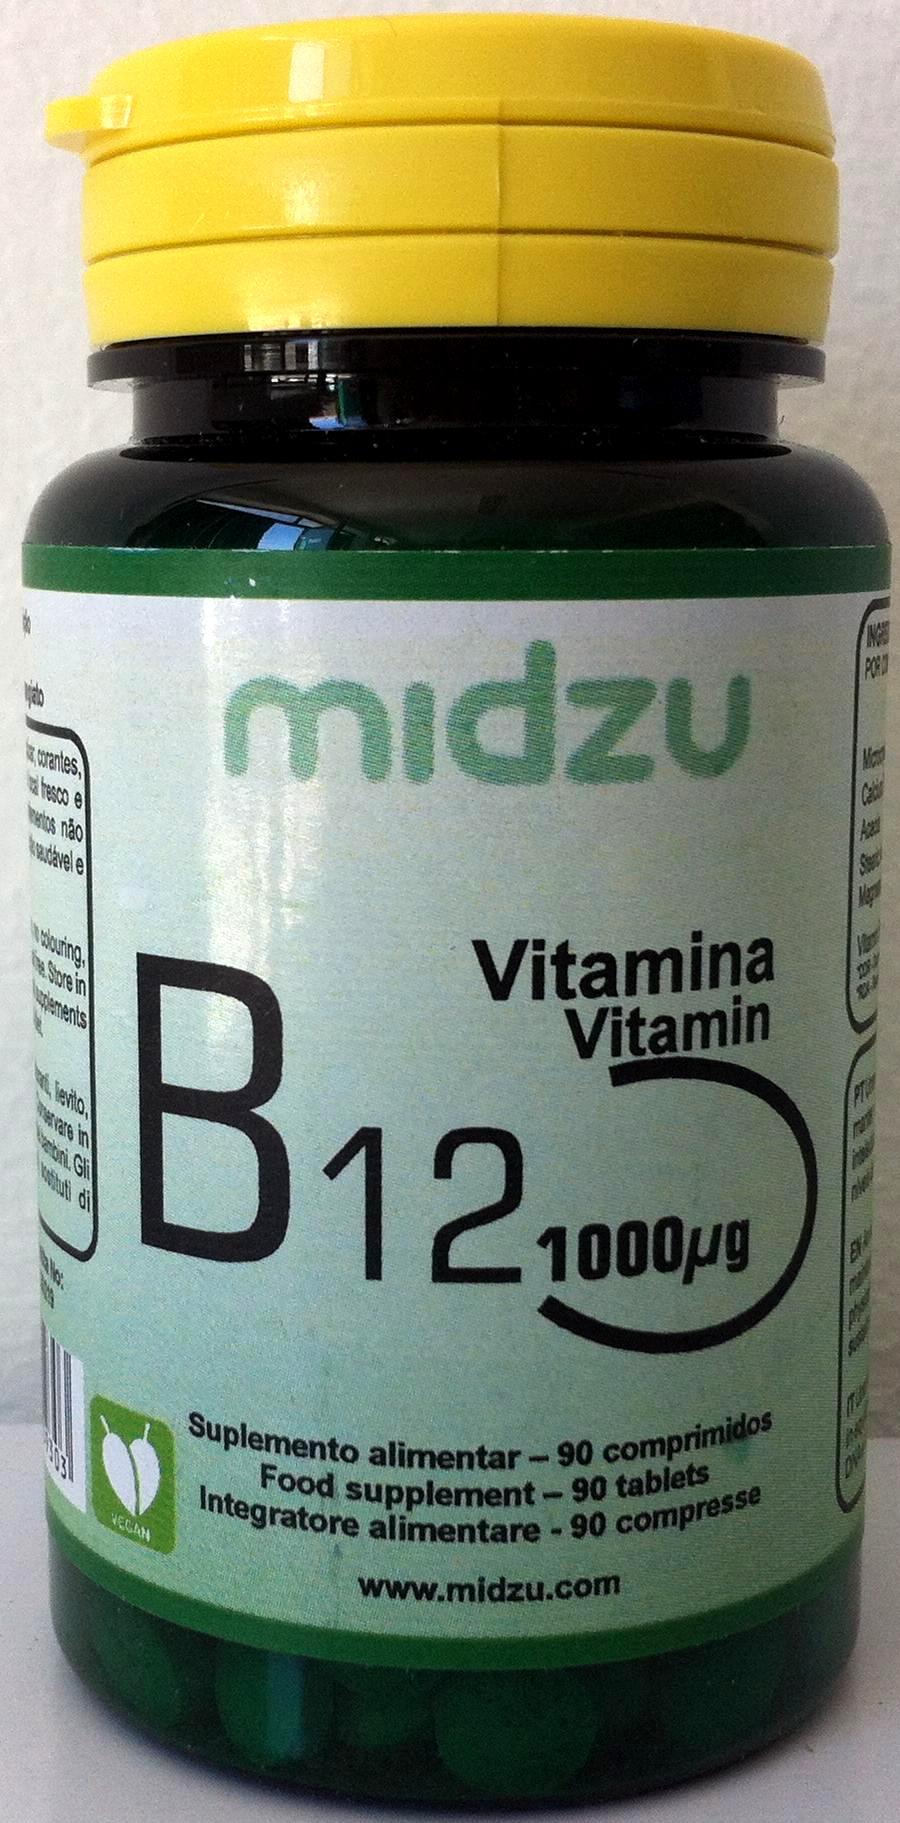 Vitamina B12 - 1000ug